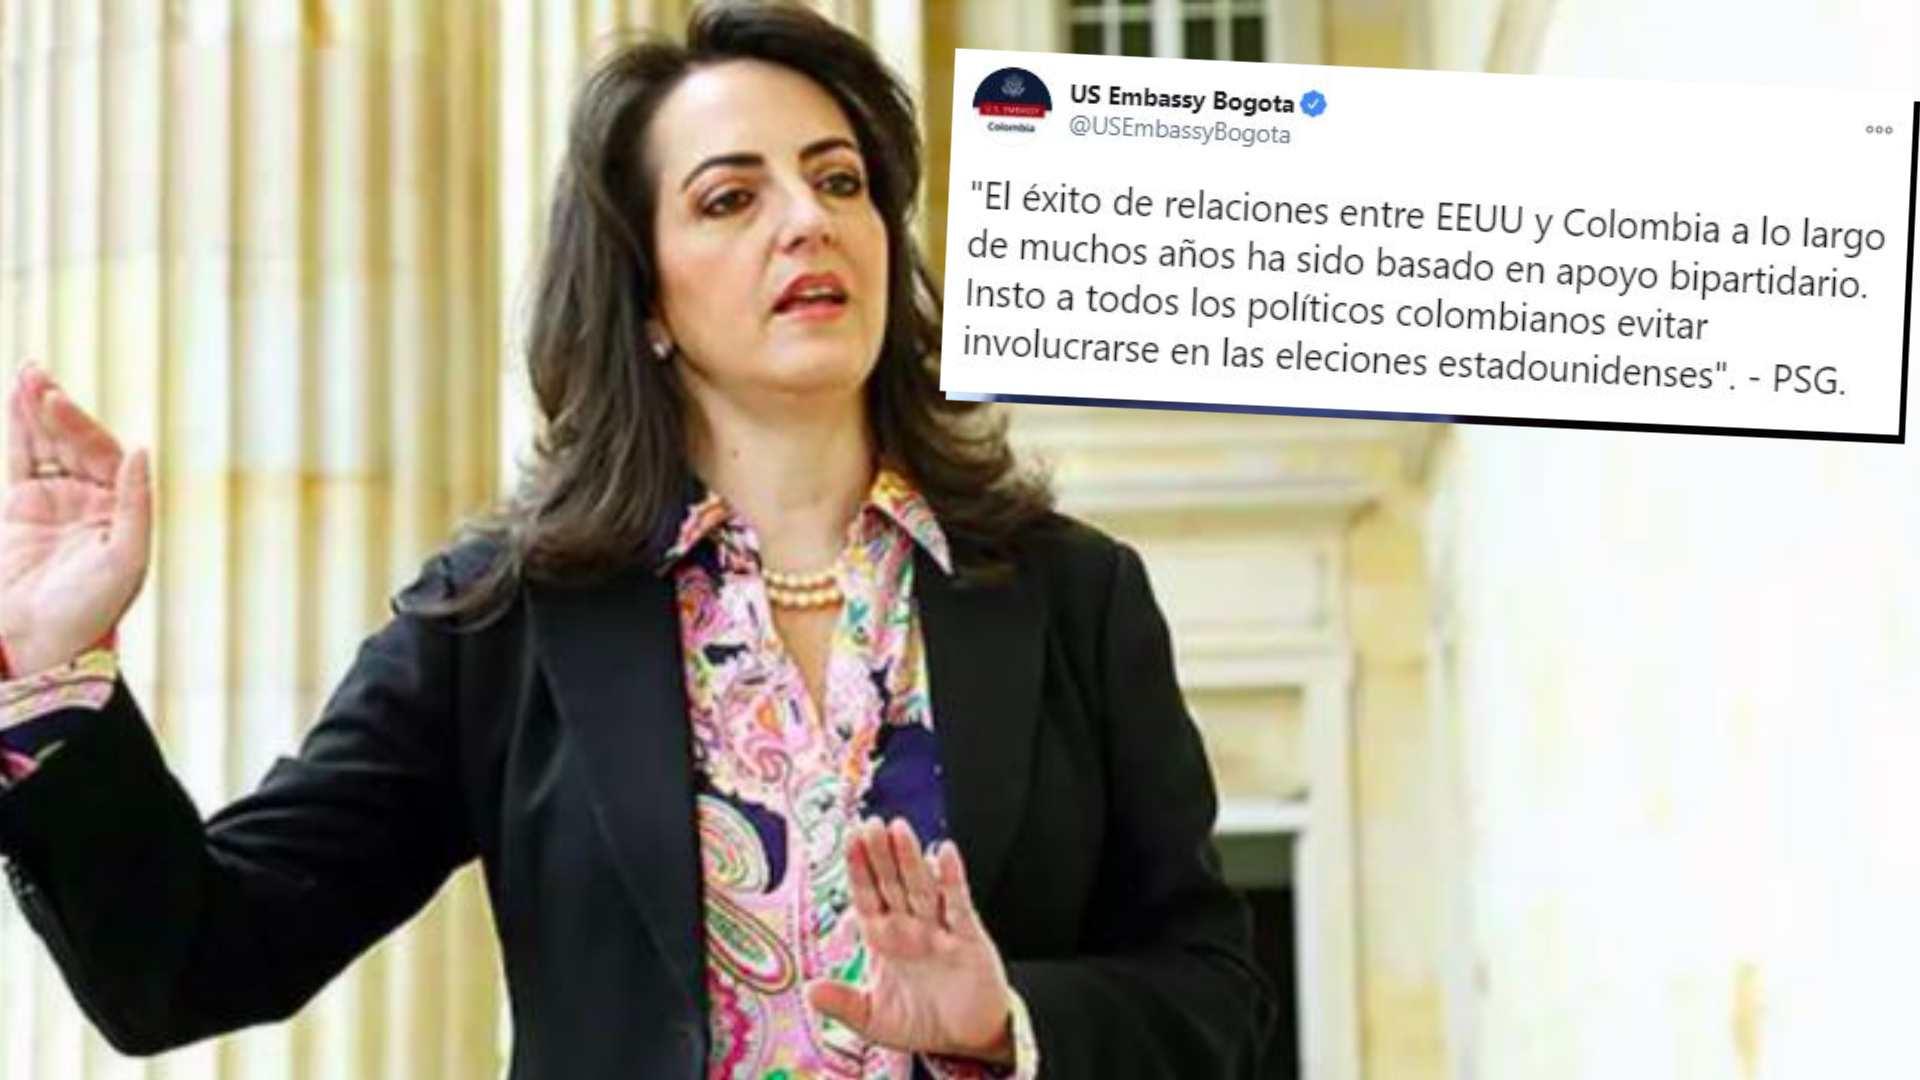 María Fernanda Cabal responde al polémico trino del embajador de EE.UU.